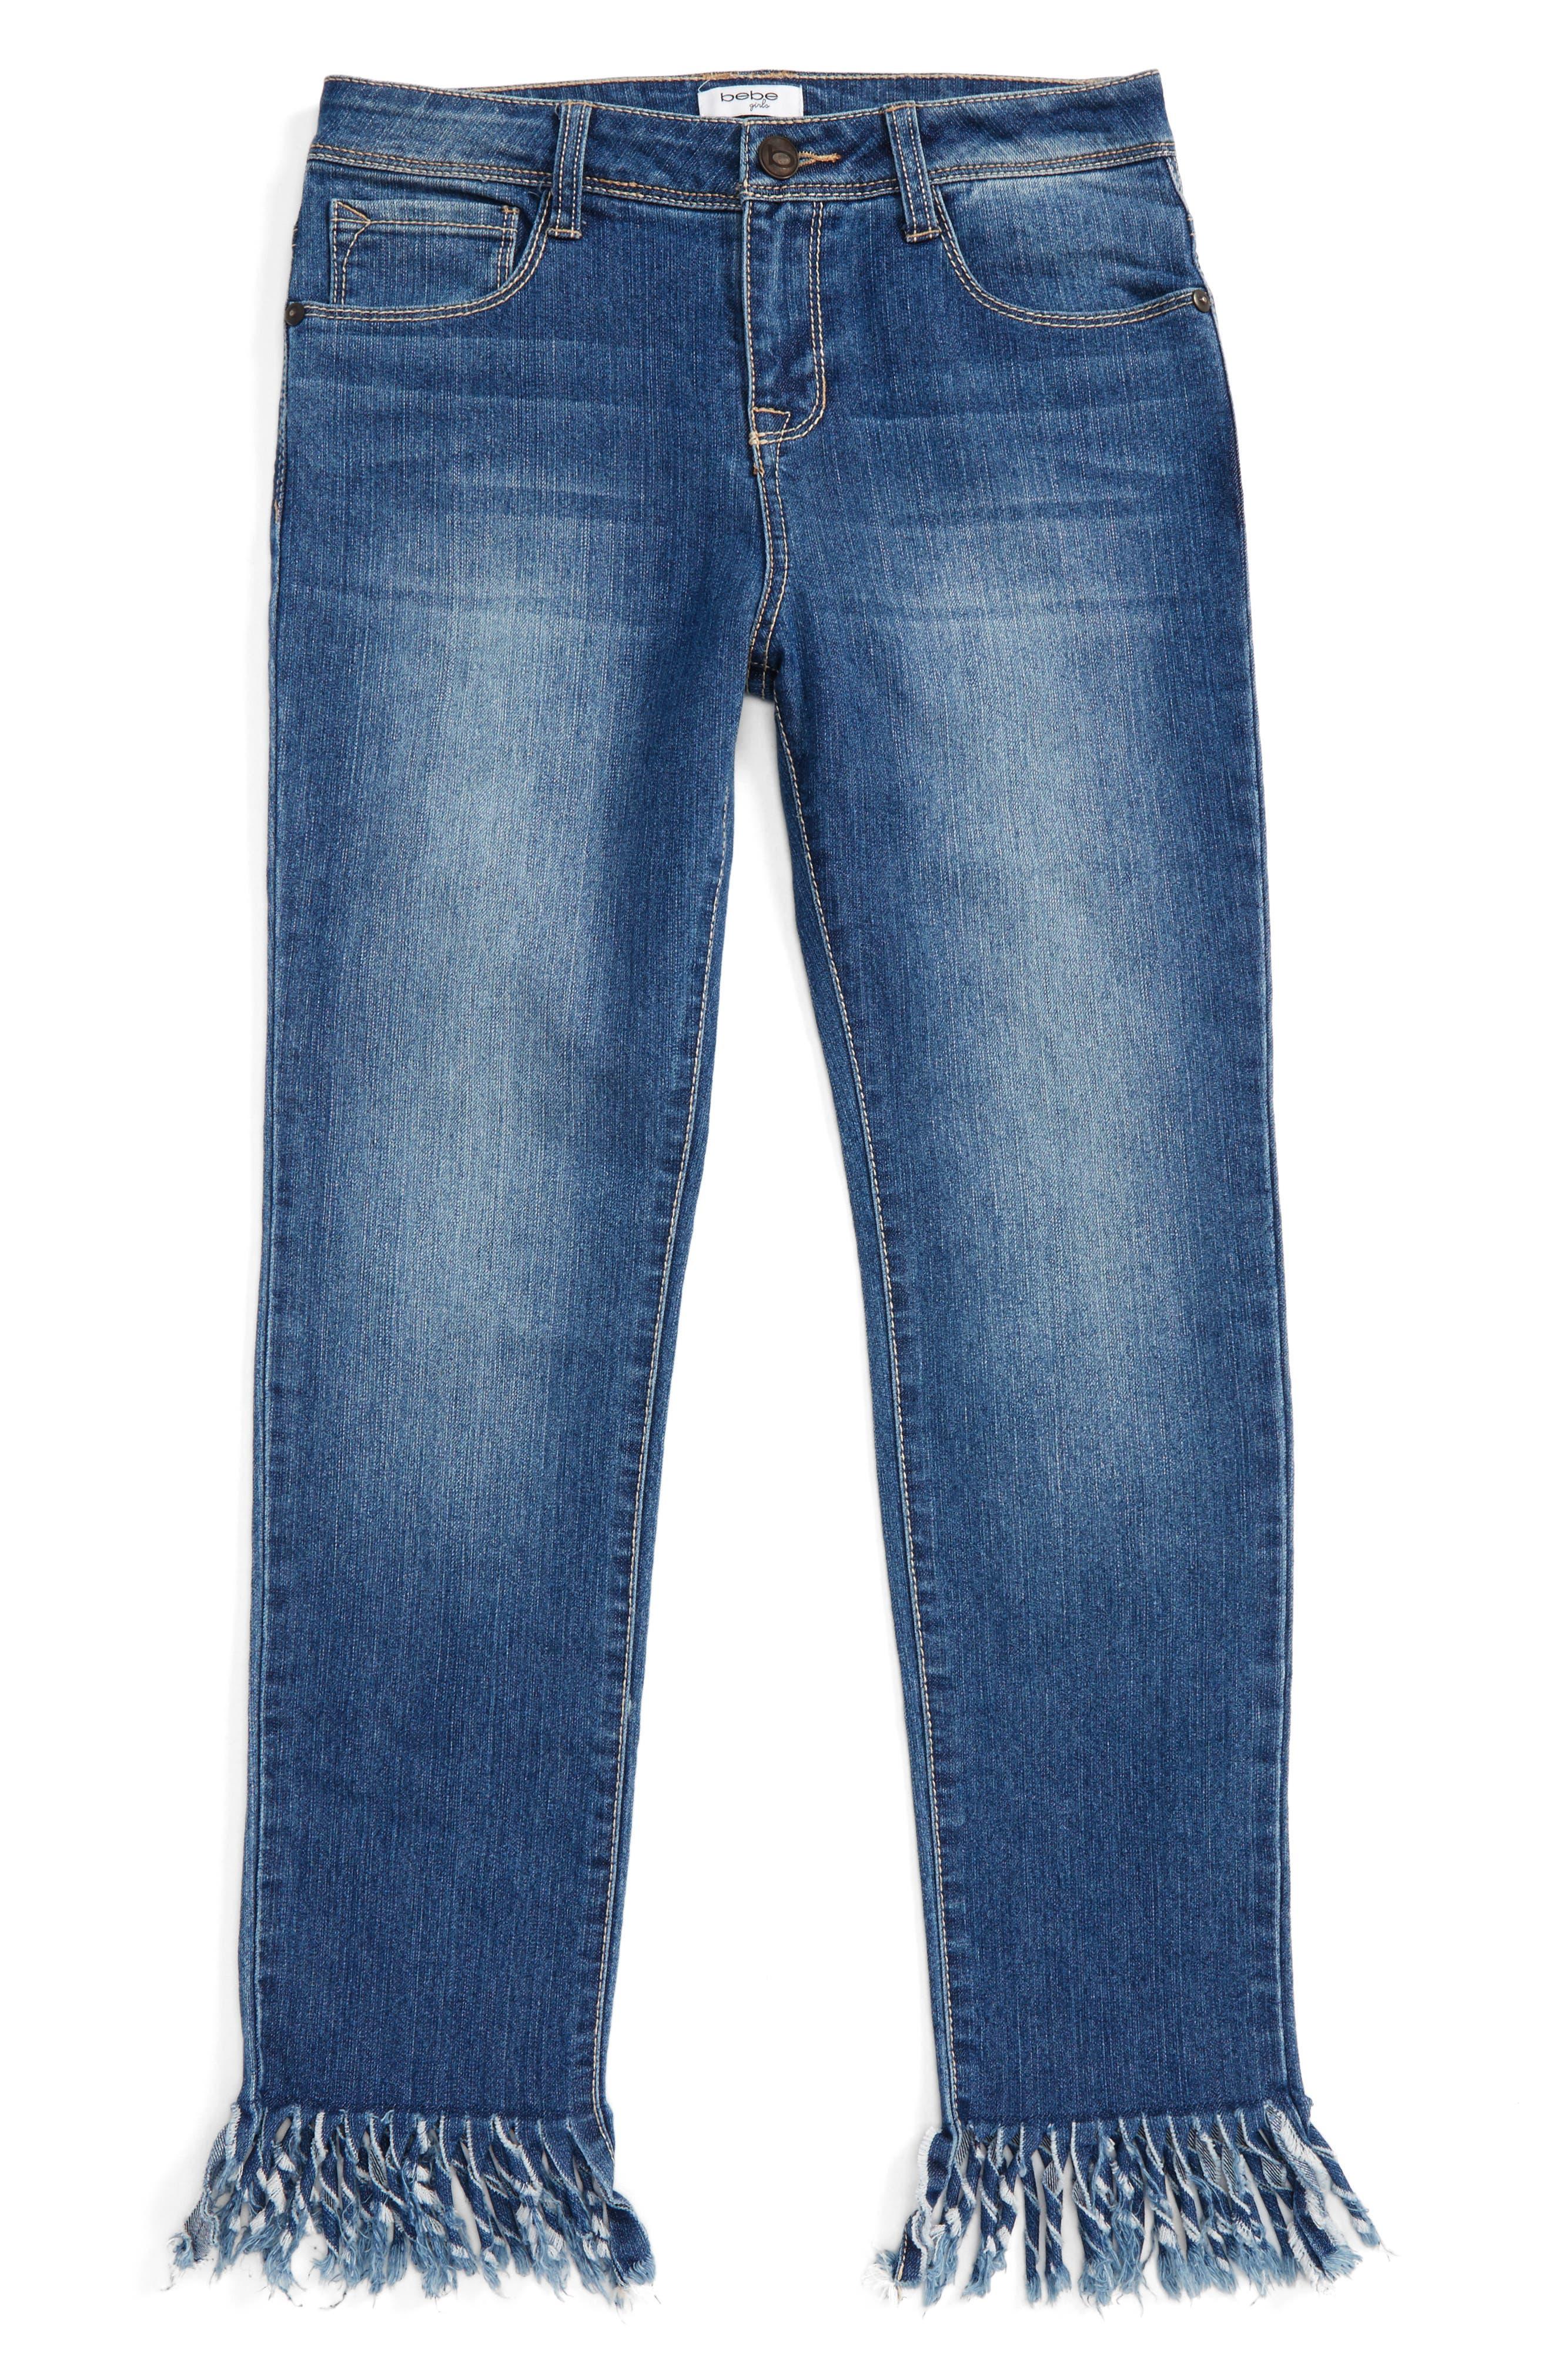 Fringe Jeans,                         Main,                         color, Med Stone